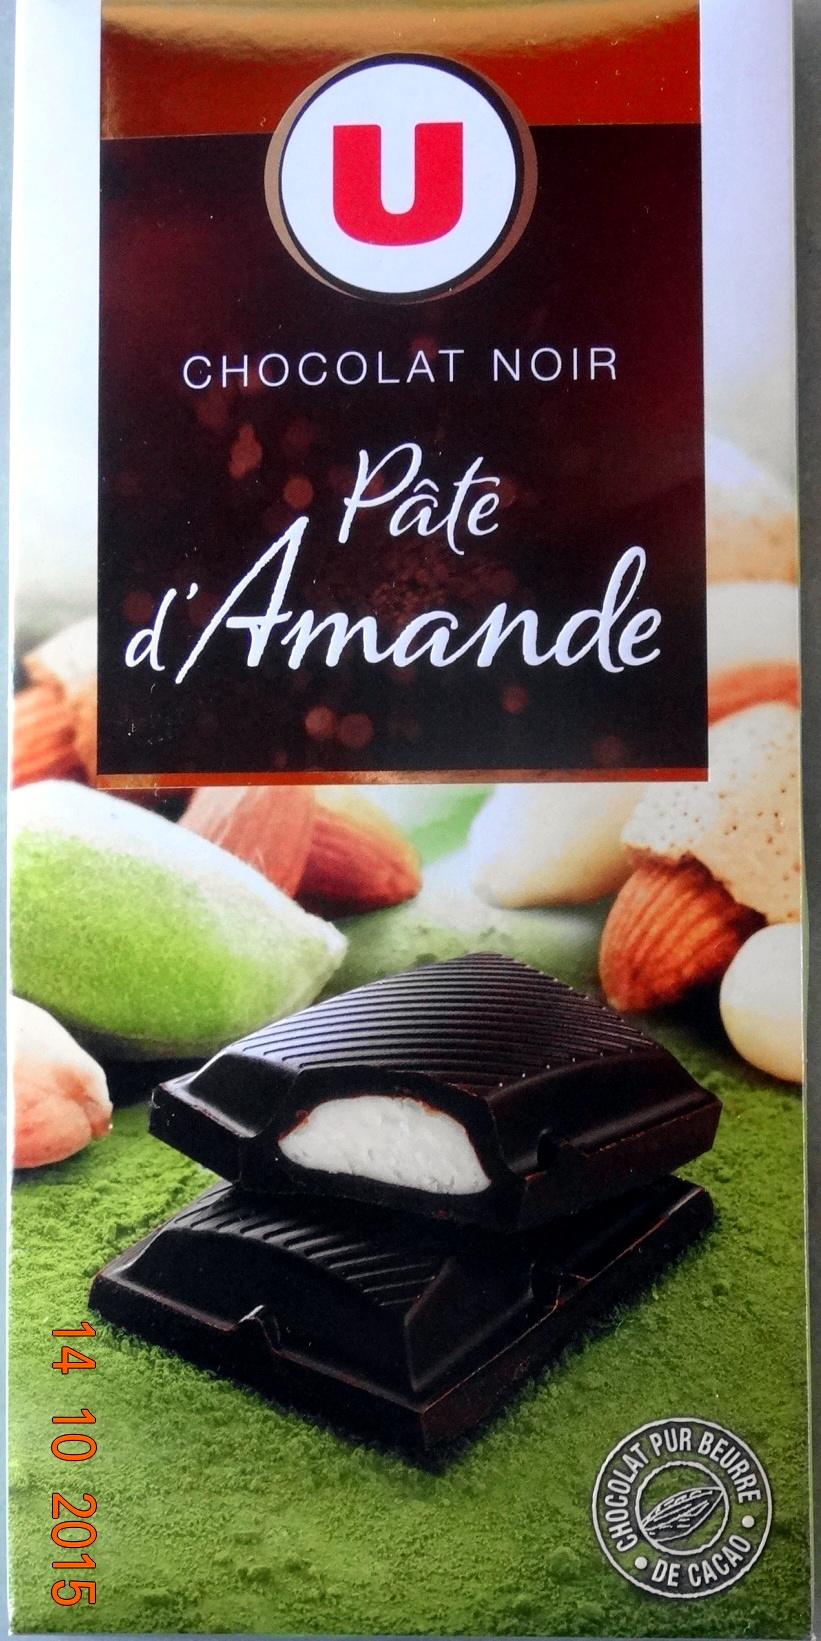 Chocolat noir, Pâte d'Amande - Product